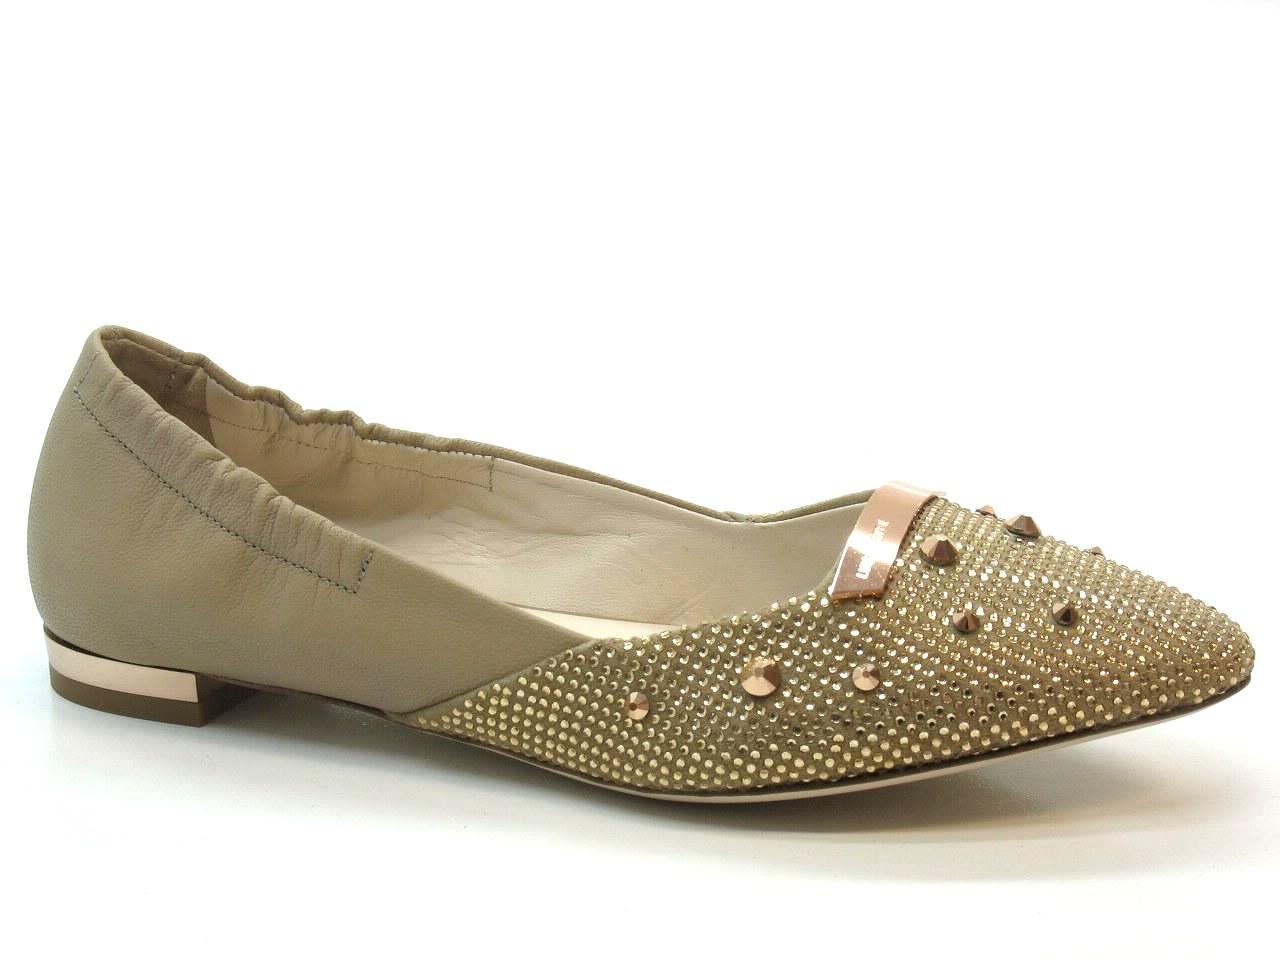 Zapatos Planos, Sabrinas, Mocassins Luis Onofre - 293 2699